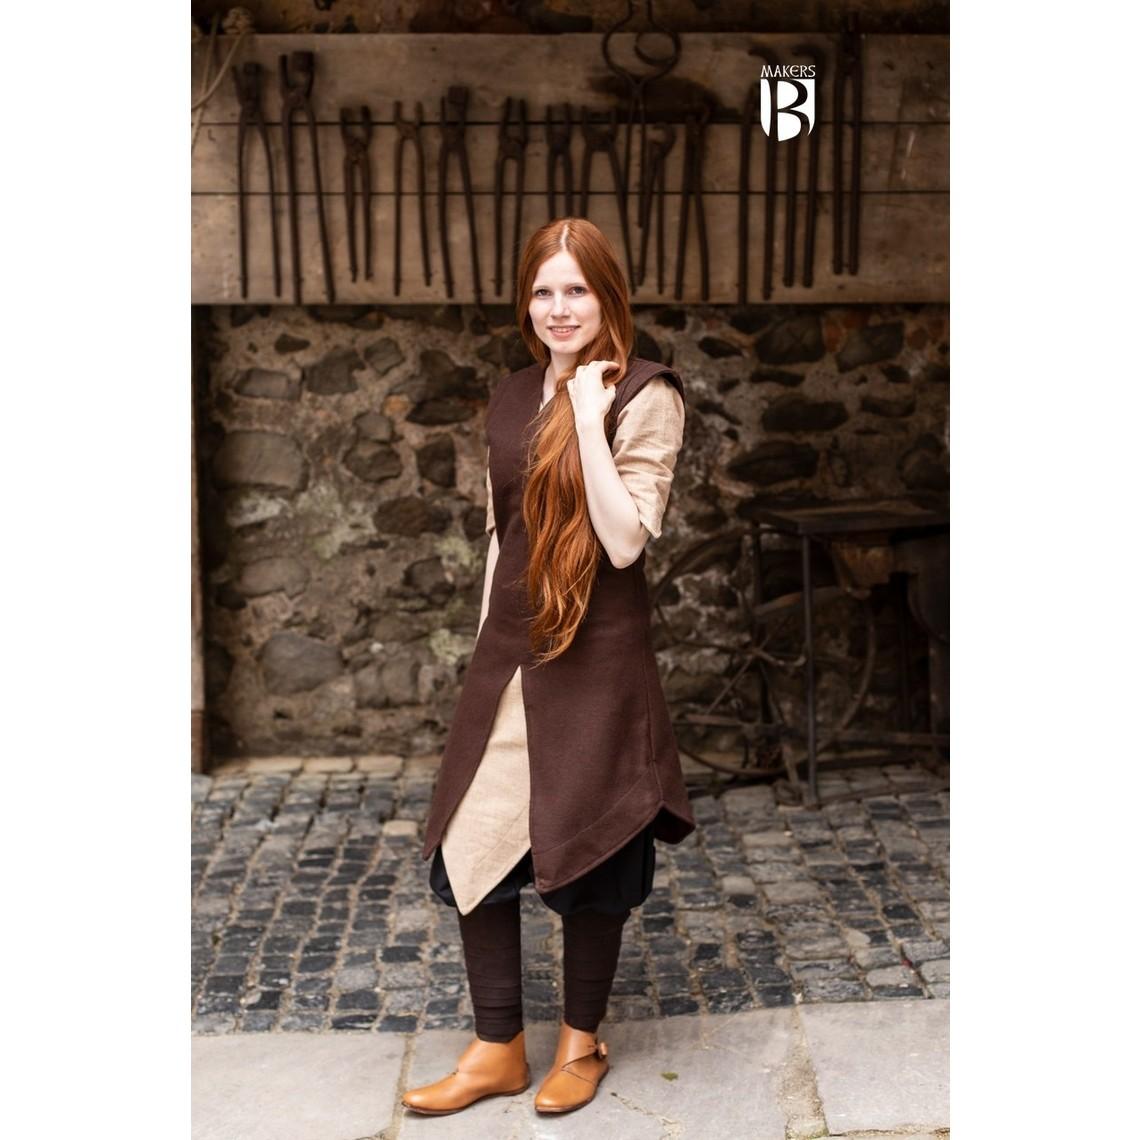 Burgschneider Túnica Meril, lana, marrón.